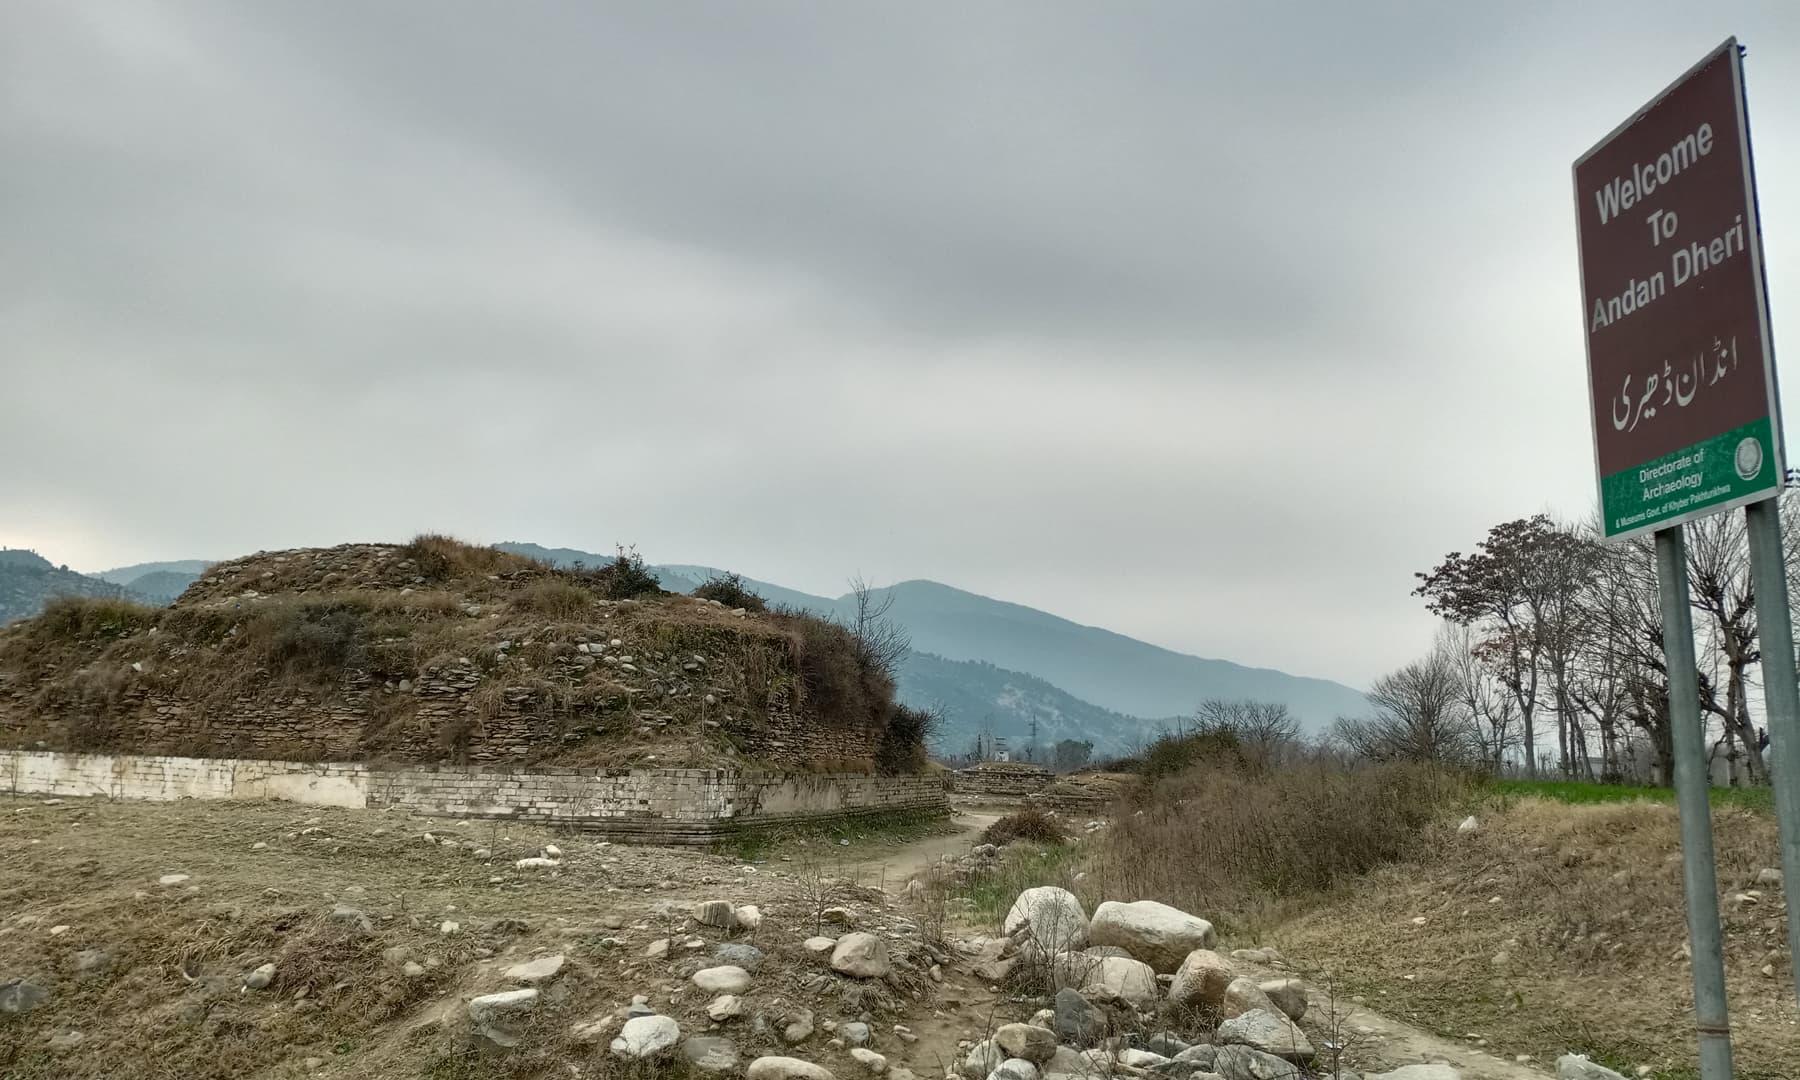 اندان ڈھیری کے آثارِ قدیمہ—عظمت اکبر